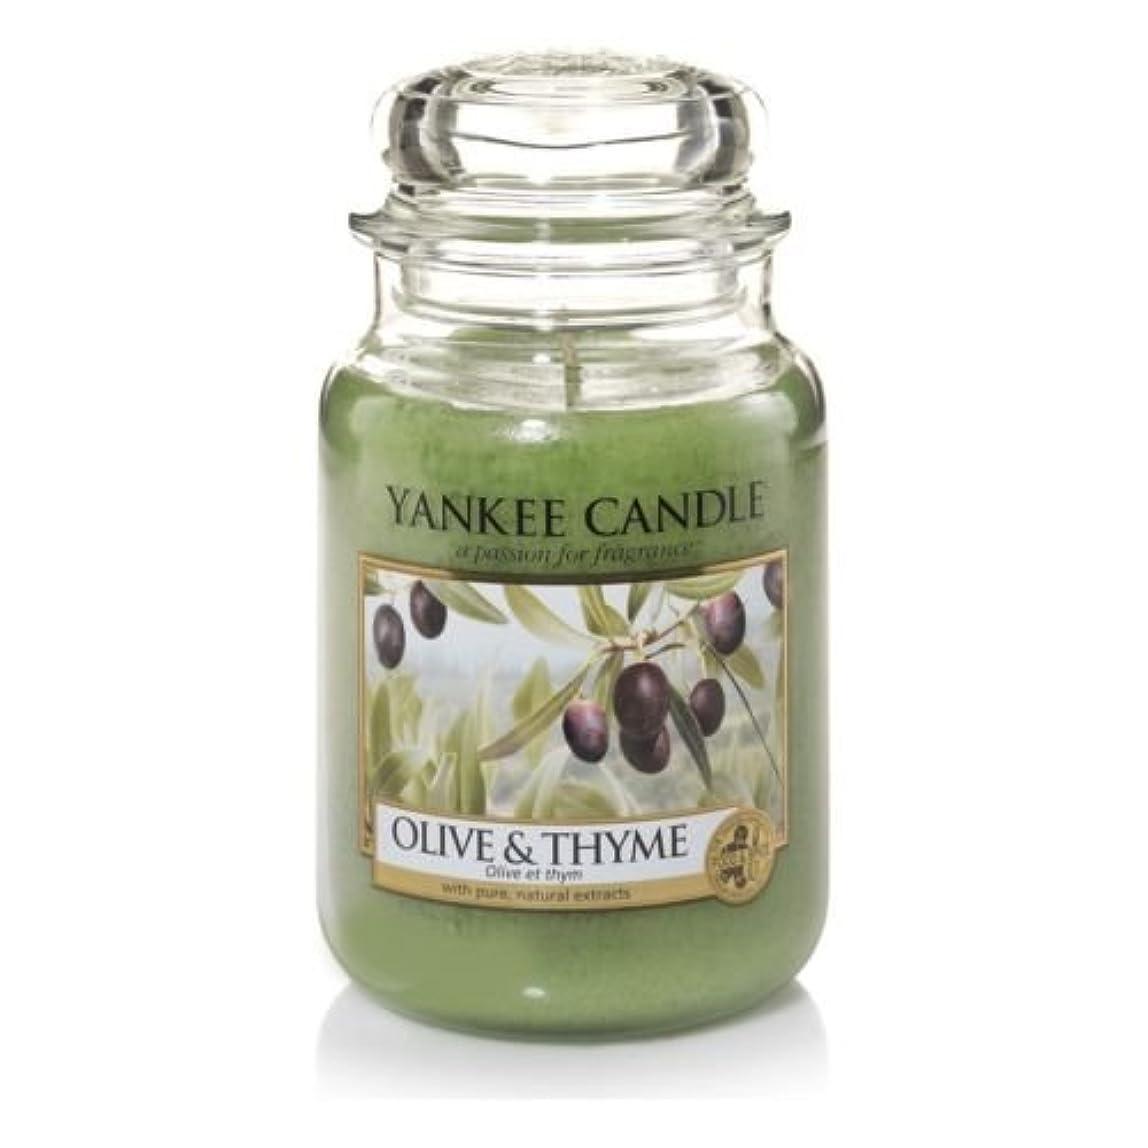 均等に墓地突進オリーブ& Thyme Yankee Candle Large 22oz Jar